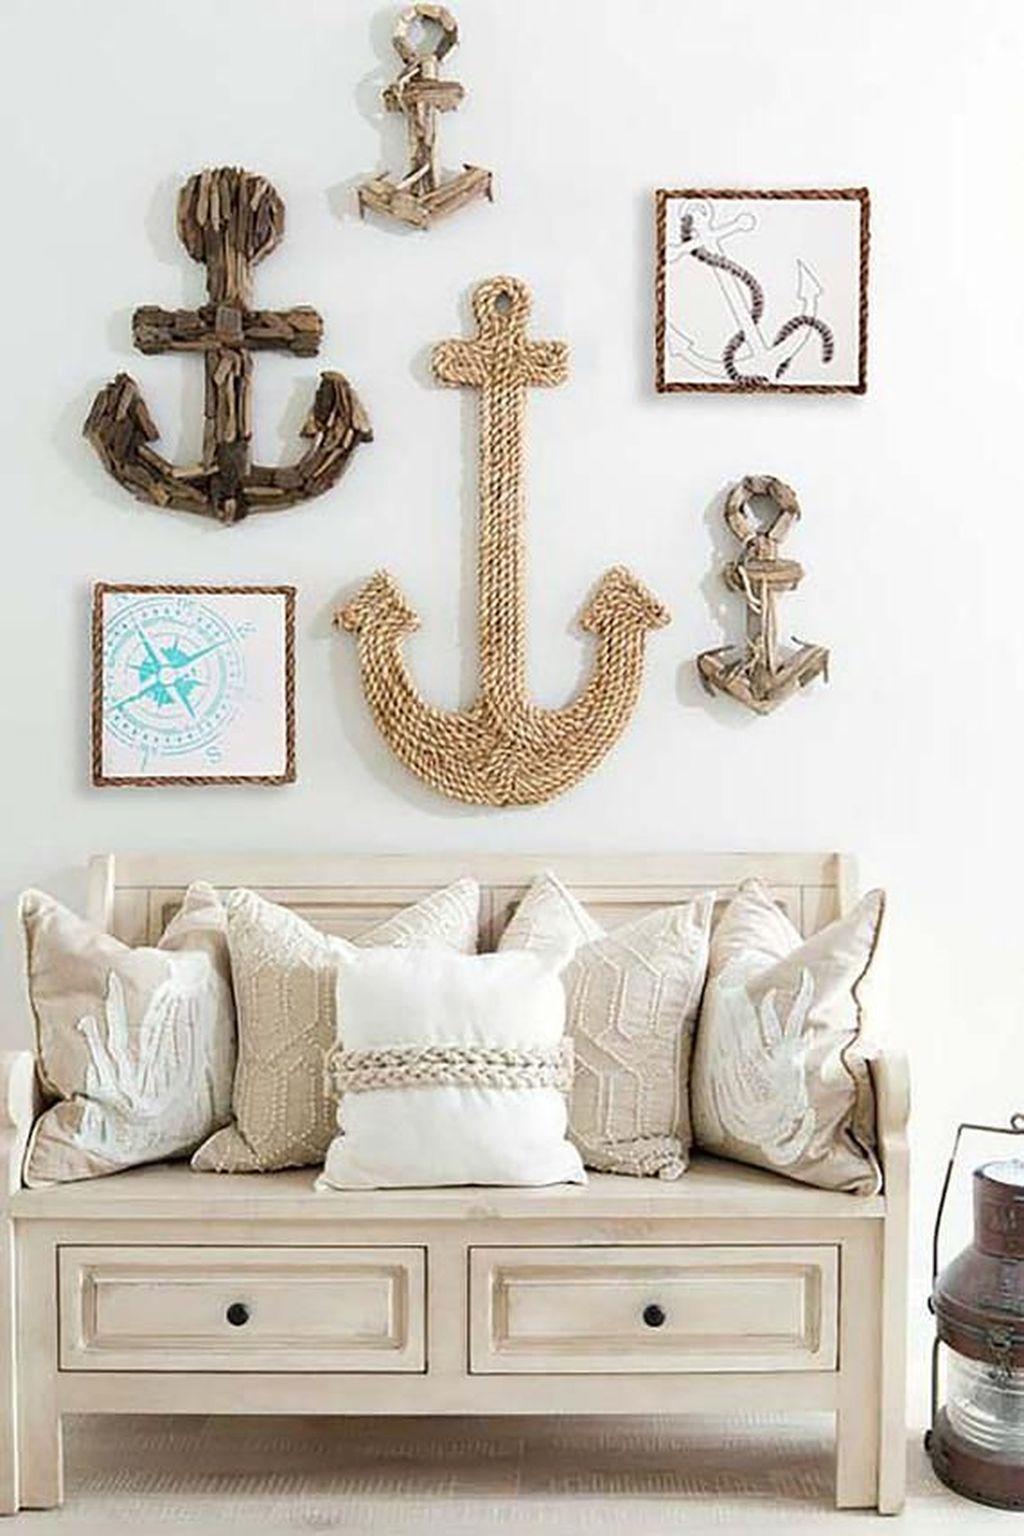 Inspiring Nautical Wall Decor Ideas For Living Room 31